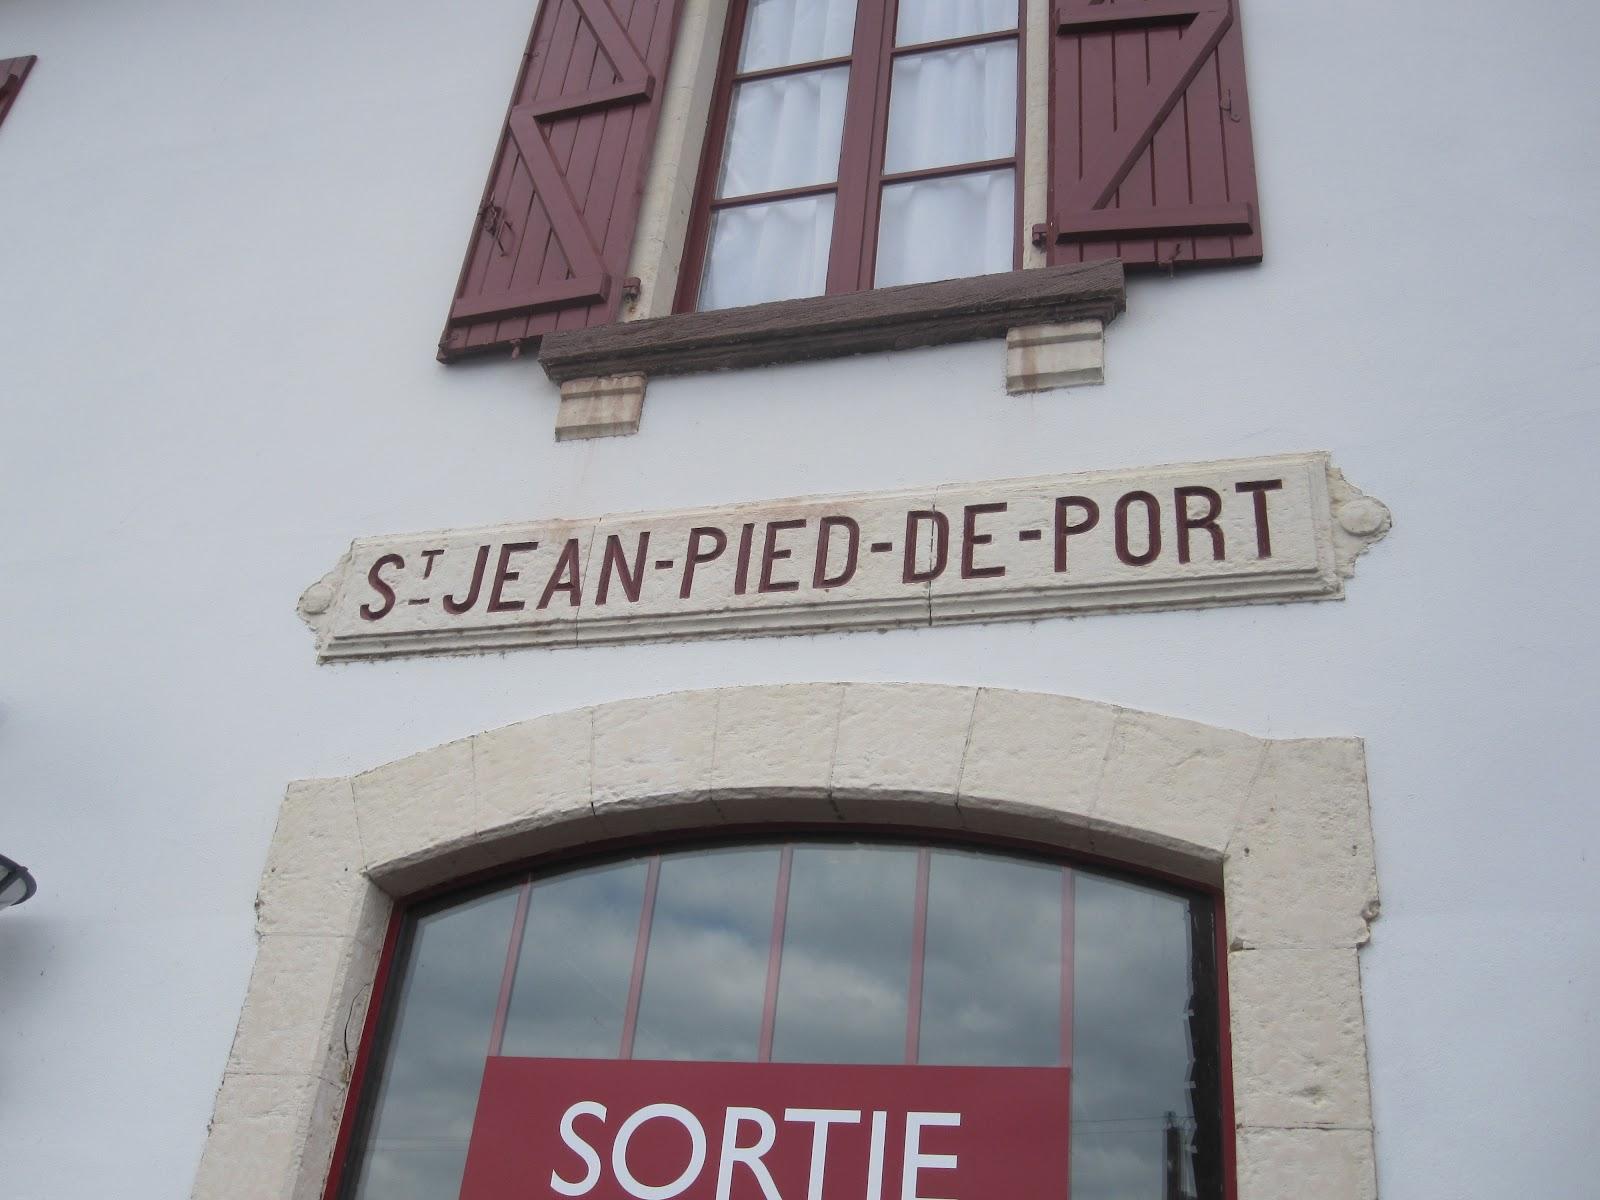 At v re forvirret anno det 21 rhundred s dan kommer du til st jean pied de port i frankrig - Hostel st jean pied de port ...